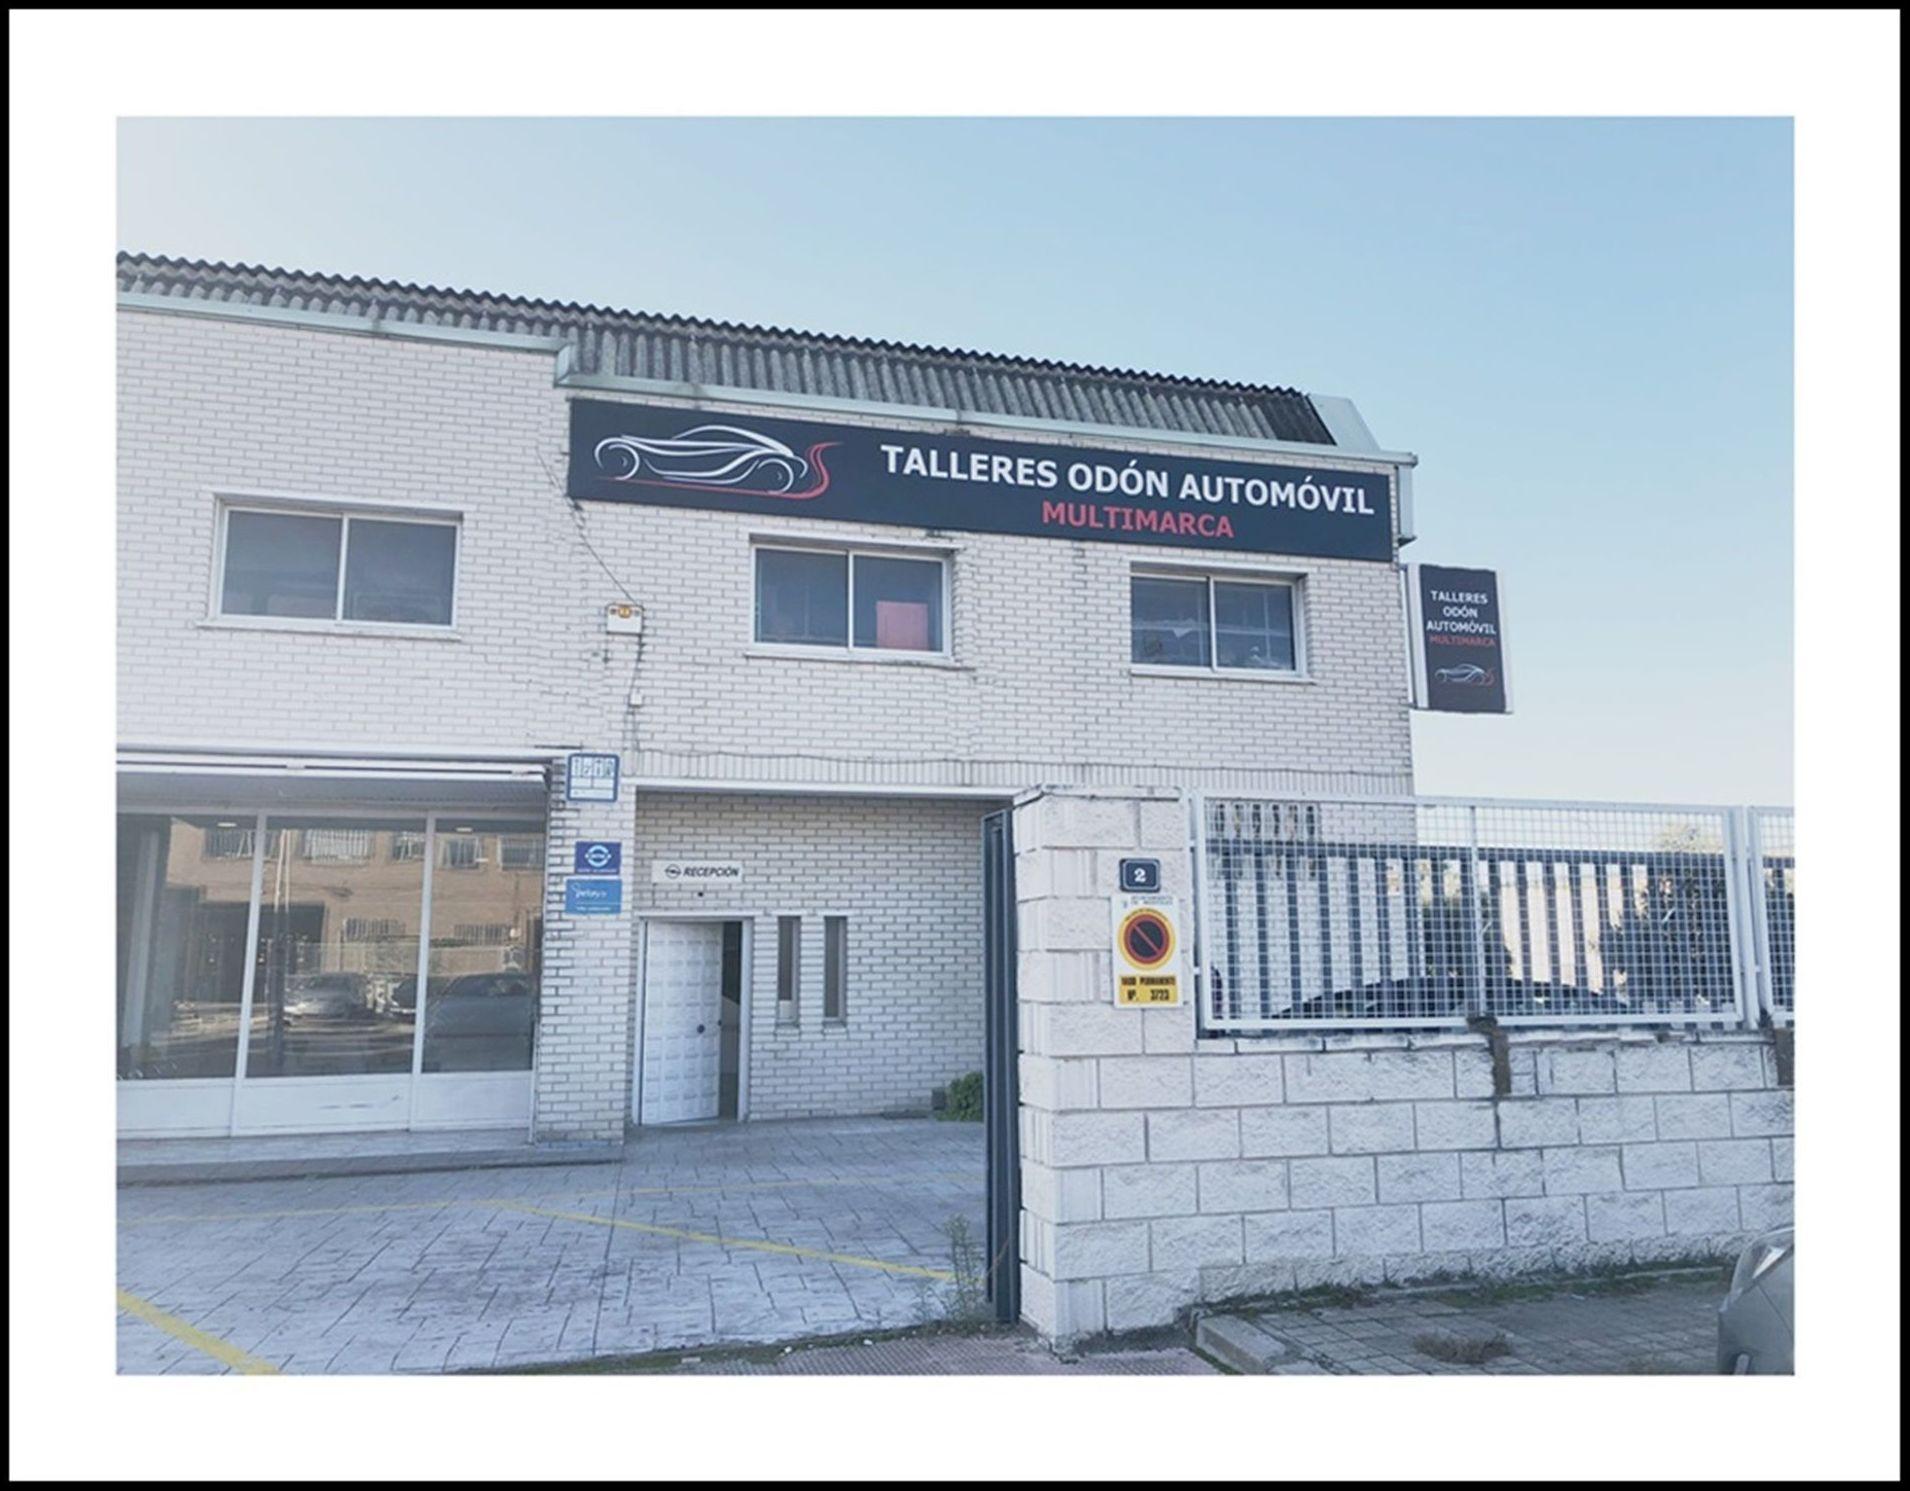 Nueva imagen Talleres odon